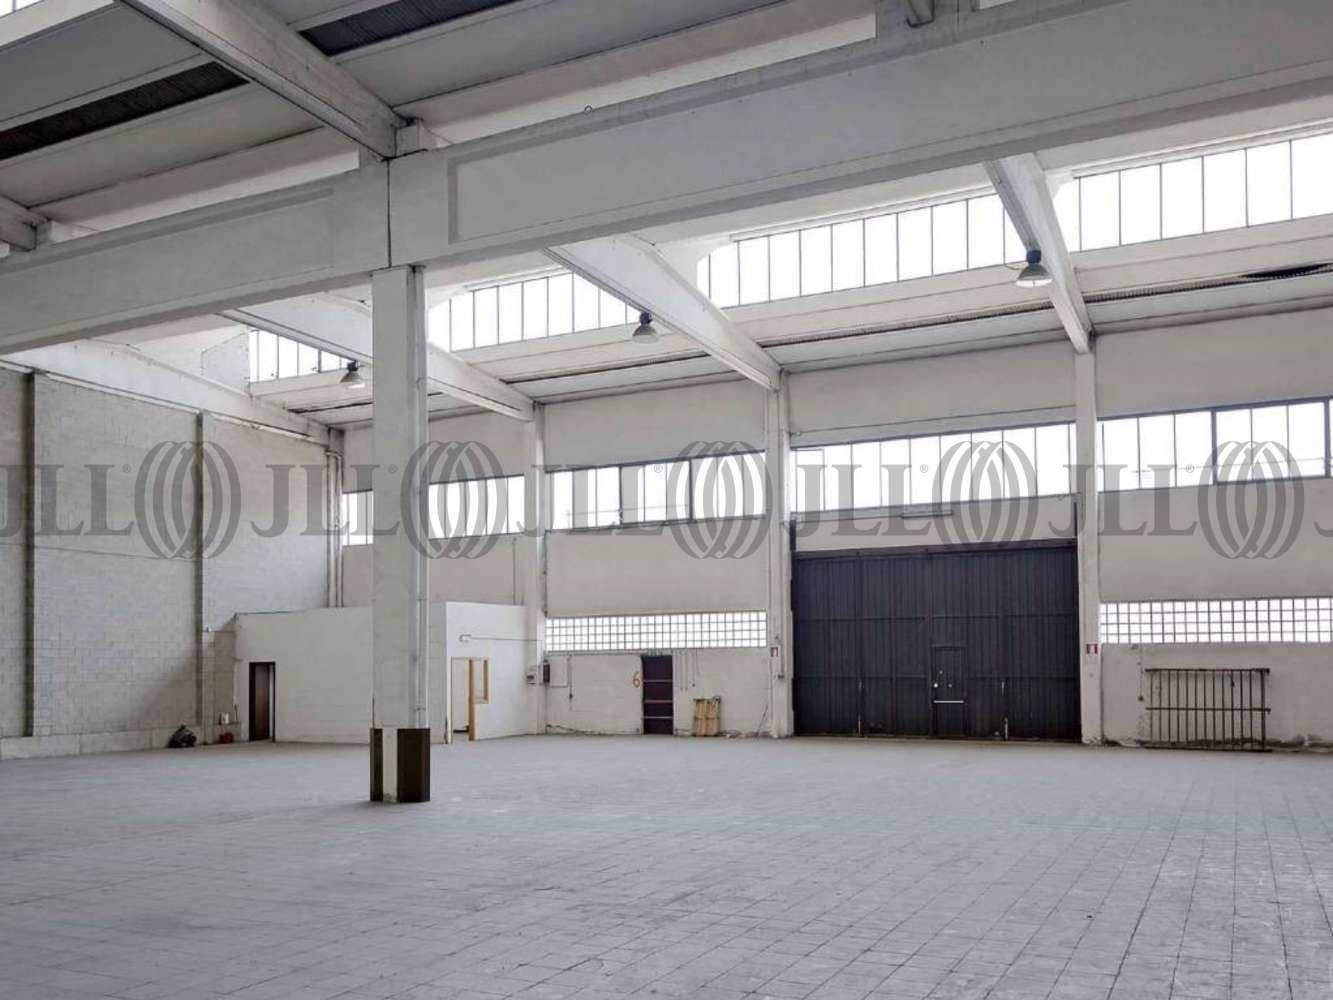 Magazzini industriali e logistici San pietro mosezzo, 28060 - San Pietro Mosezzo - Sviluppo Logistico